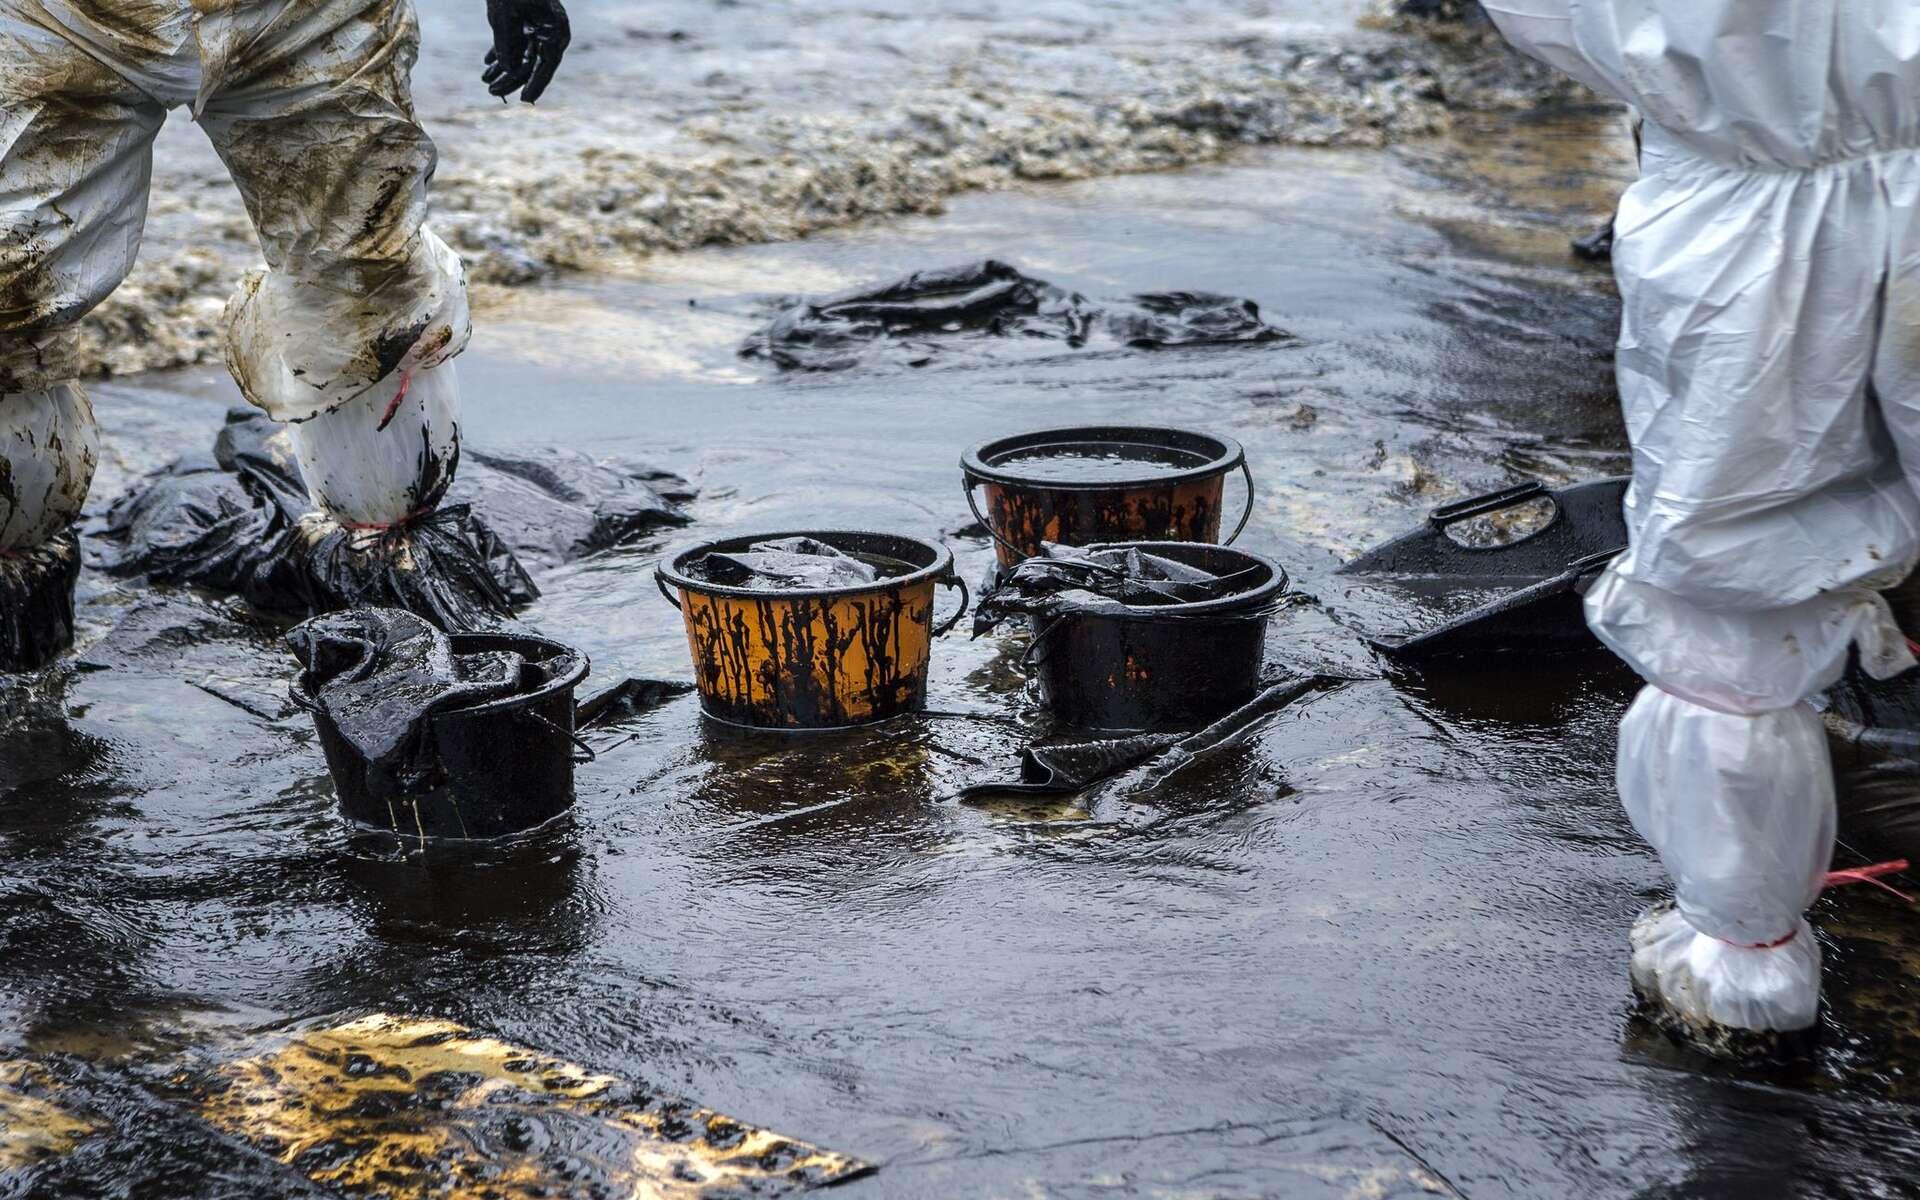 Des unités HazMat écopent le pétrole ayant submergé une plage lors d'une marée noire. © jukuraesamurai